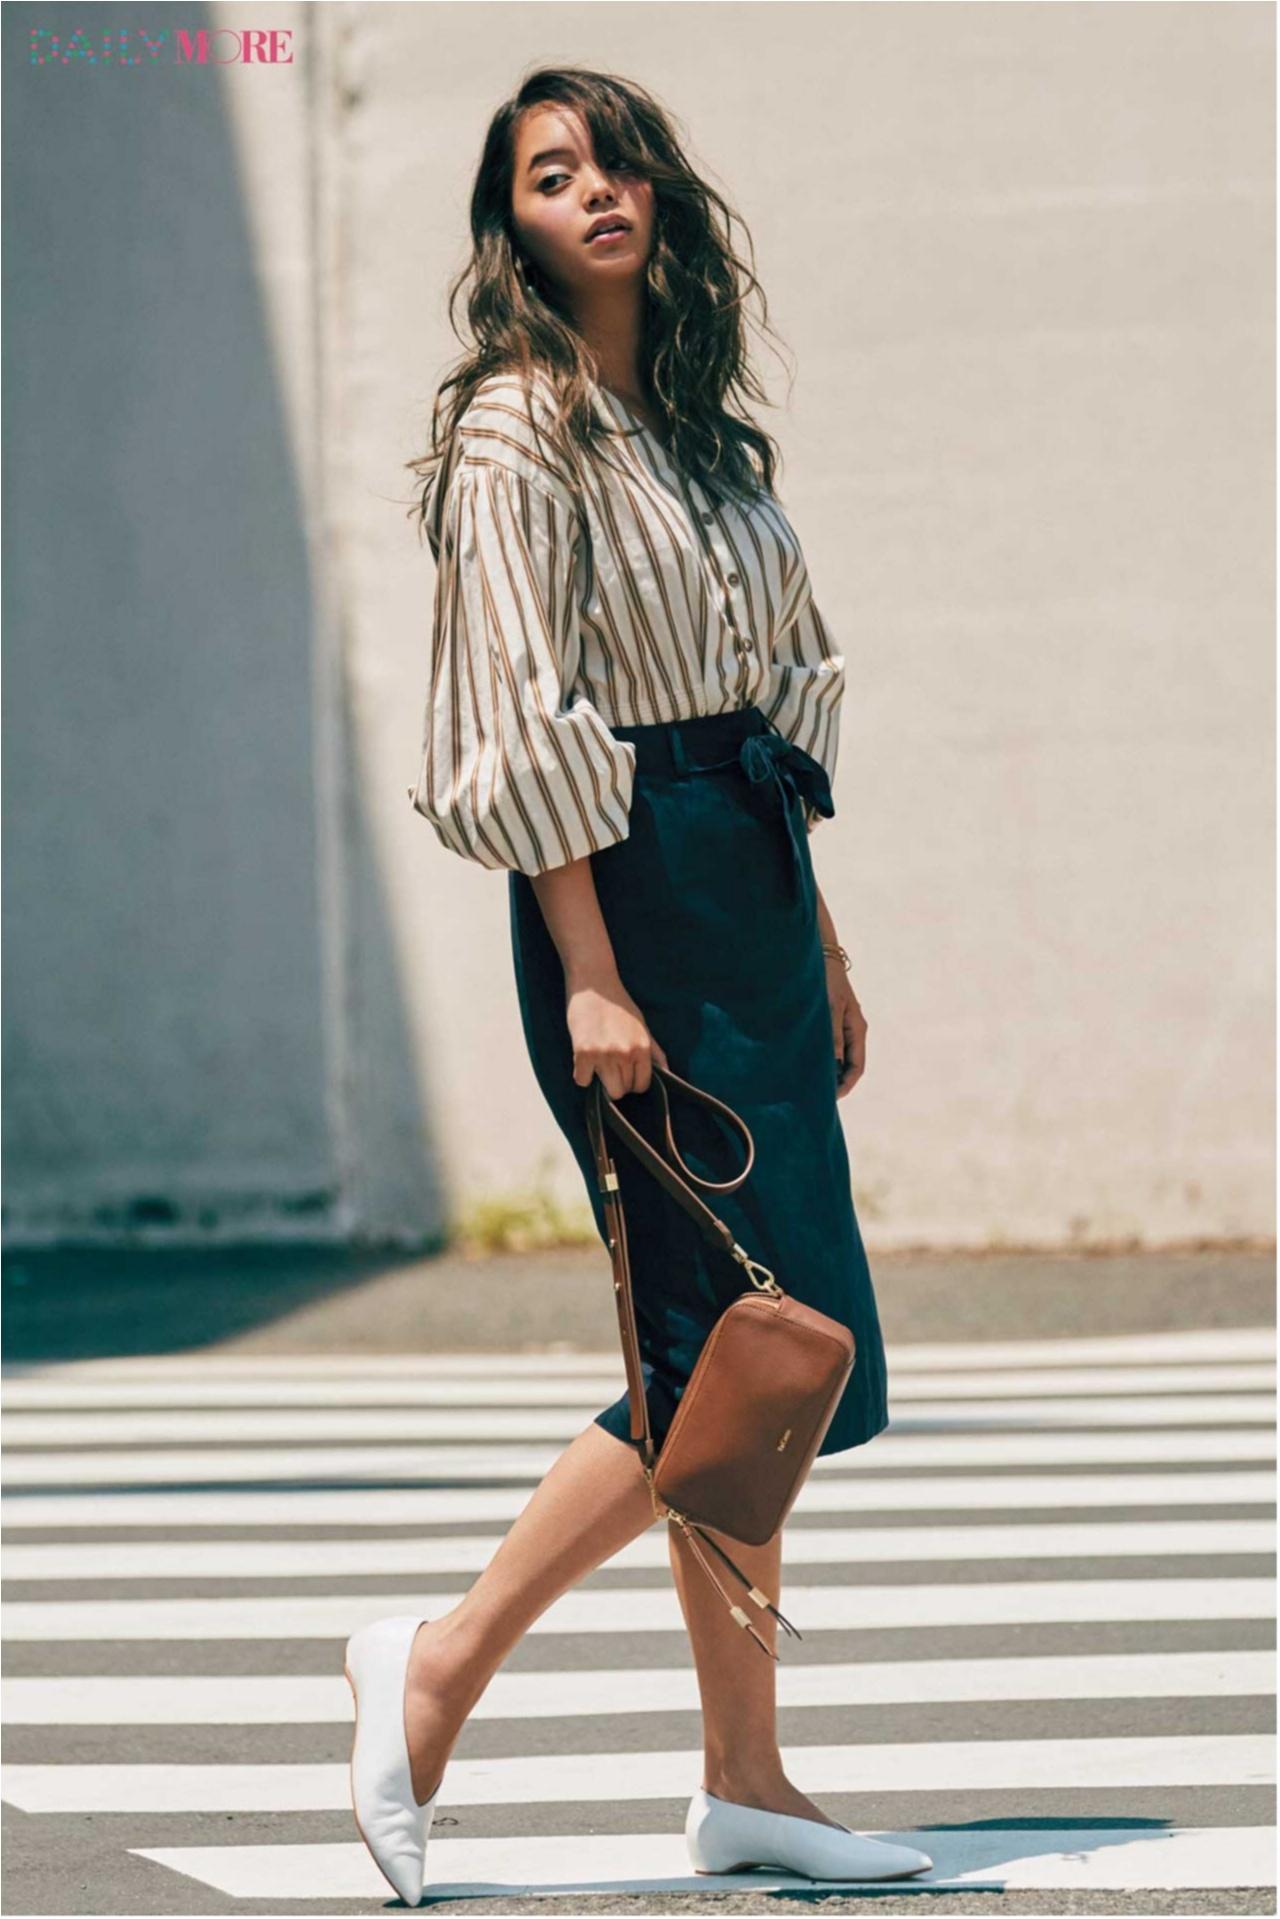 めっちゃ細く見える『GU』のスカート&めっちゃ脚長に見える『リムアーク』のパンツ、スタイルアップテーマが大人気☆ 今週のファッション人気ランキングトップ3!_1_3